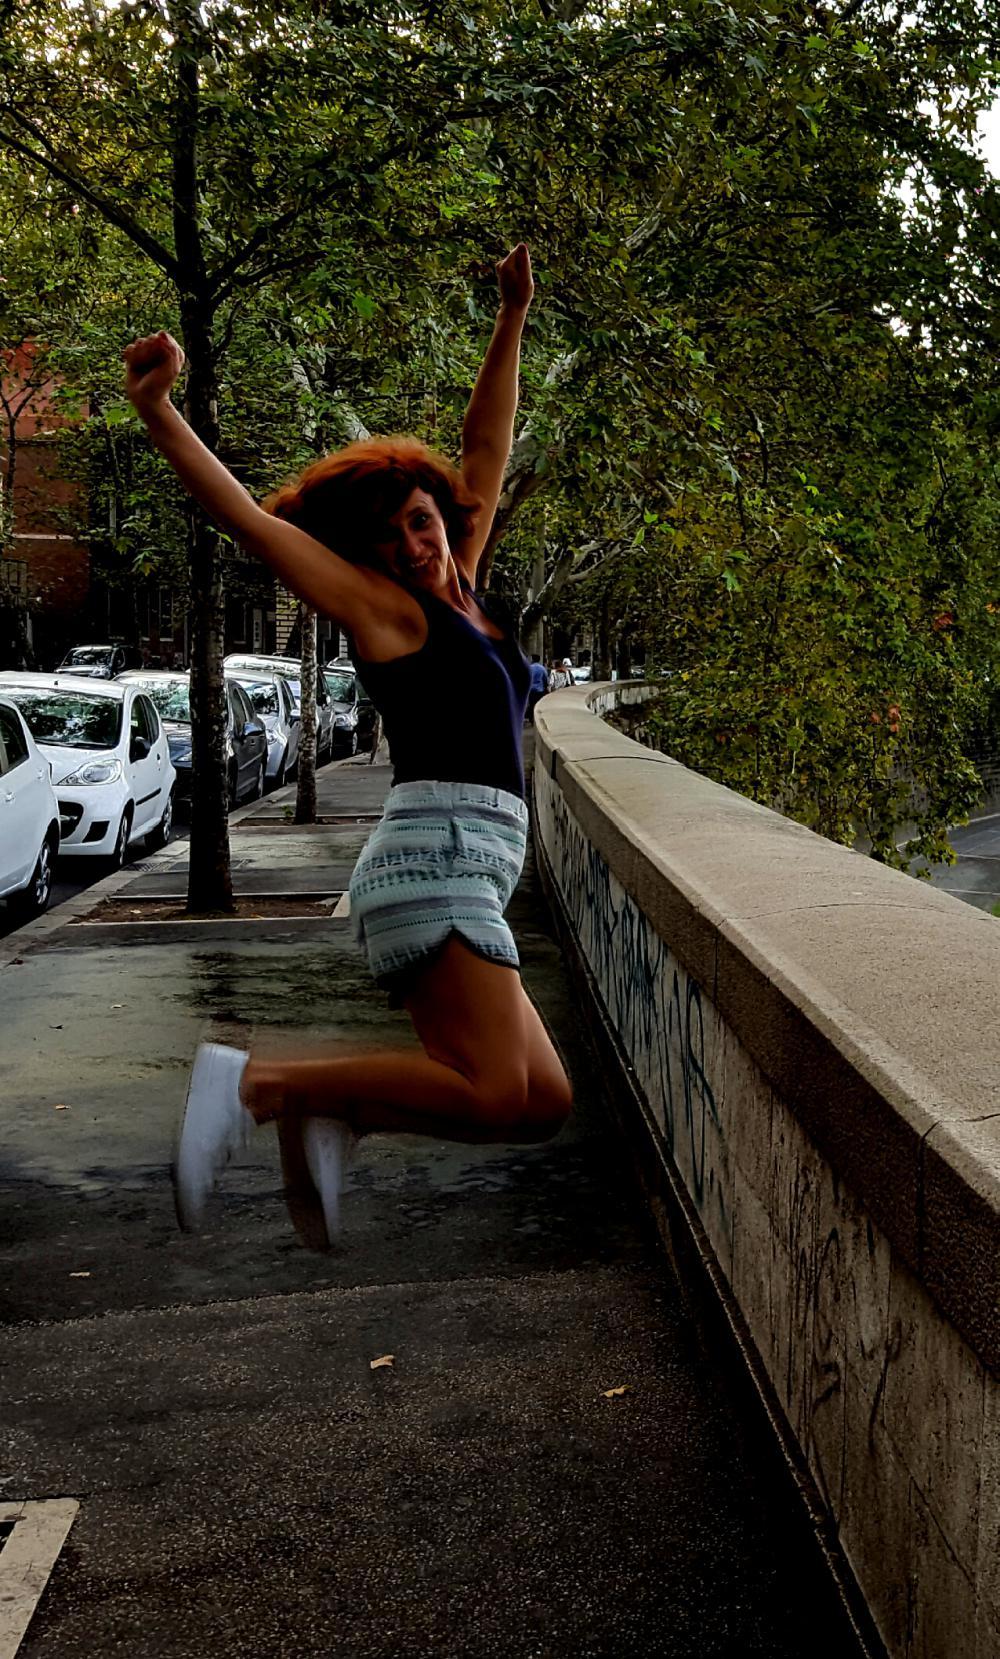 Un salto hacia delante, ¿te atreves…?